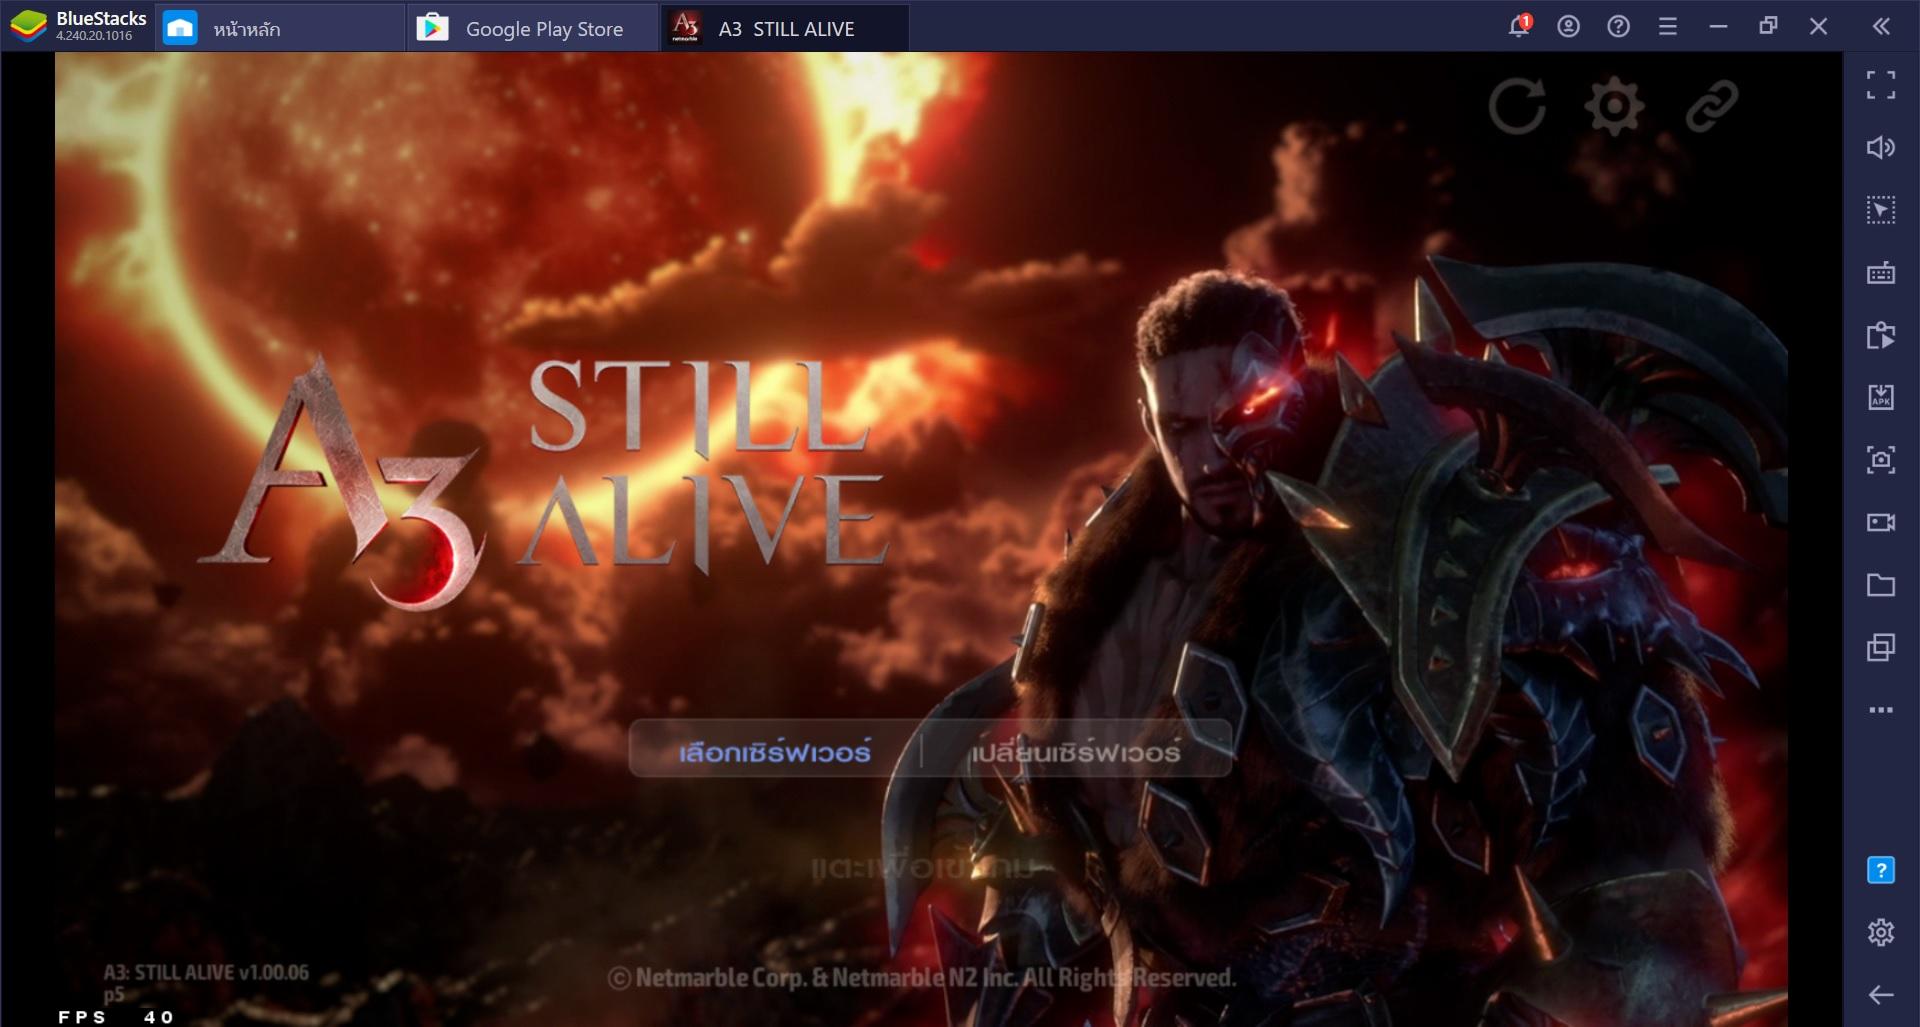 เพราะอะไรถึงต้องเล่น A3: Still Alive ผ่าน BlueStacks!!